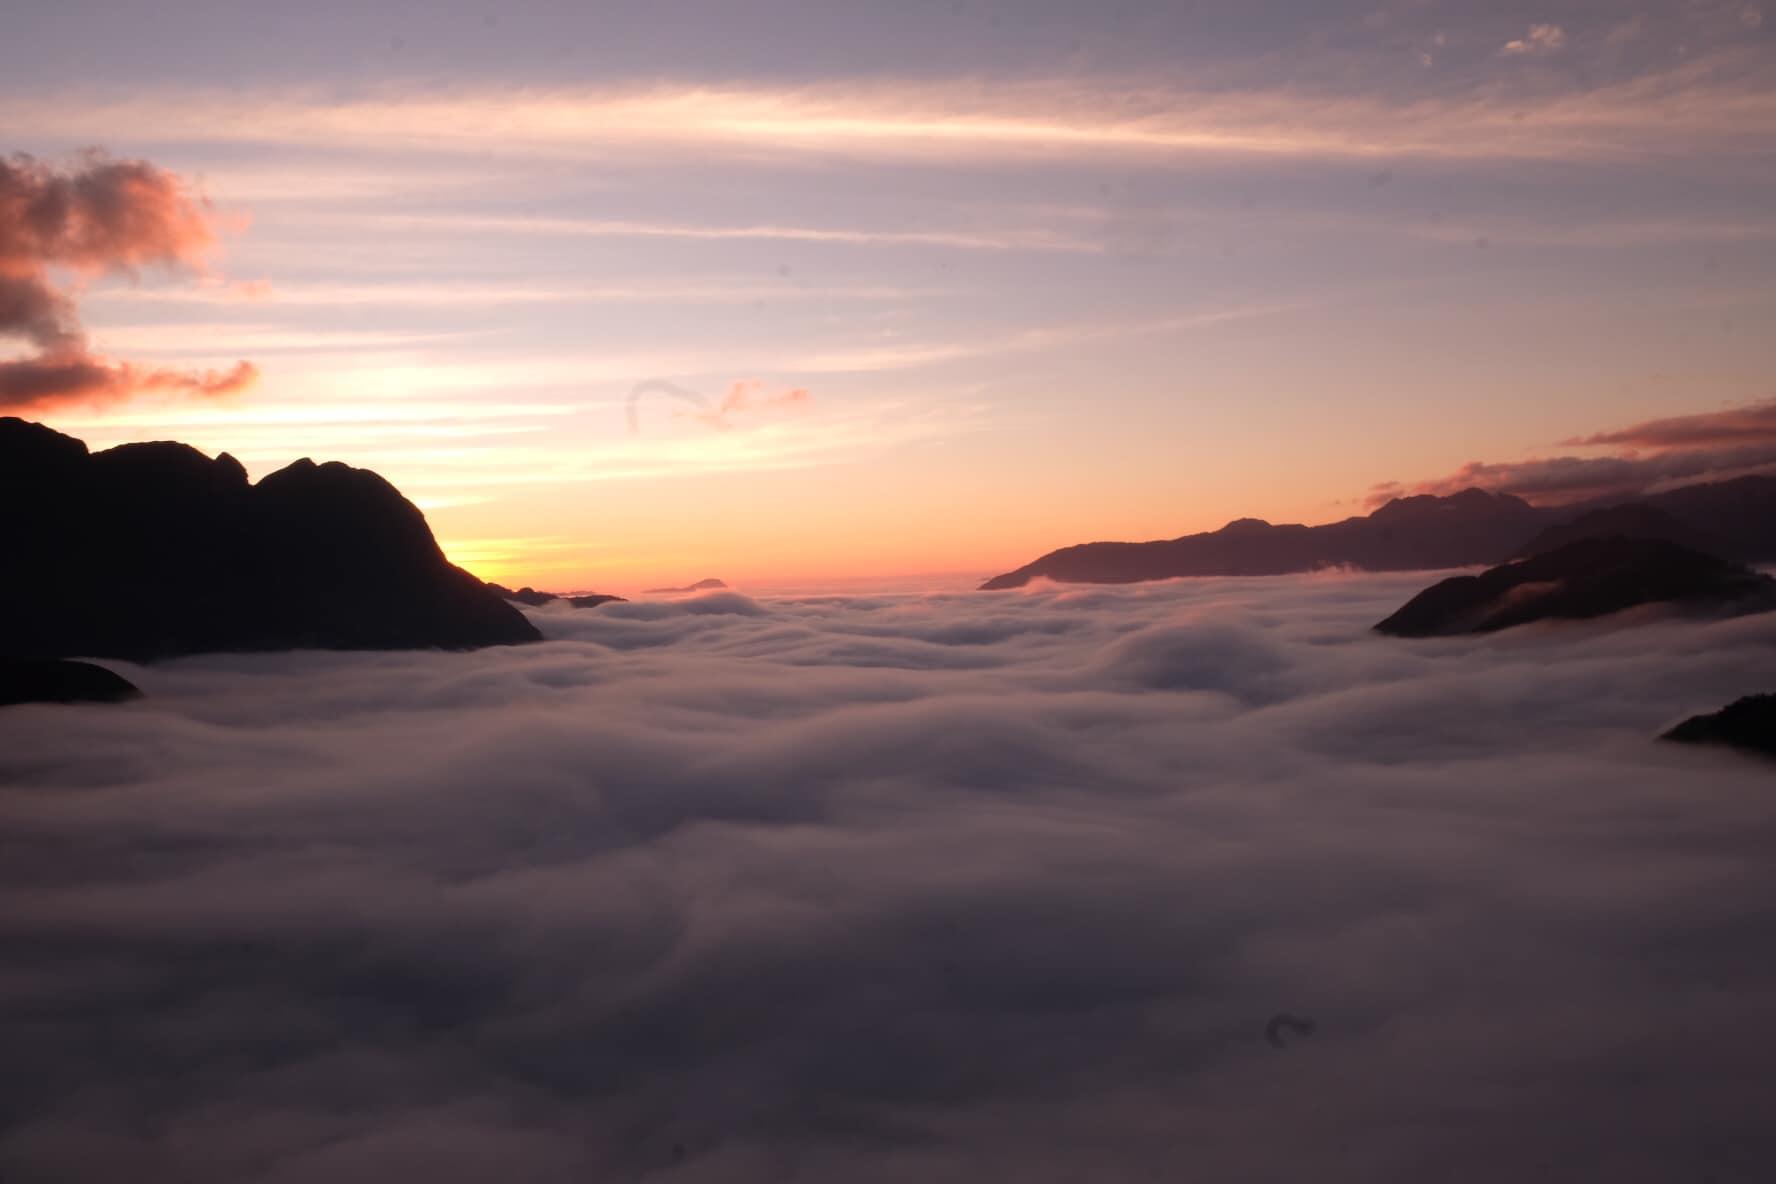 Biển Mây tại đèo Ô Quy Hồ Sapa